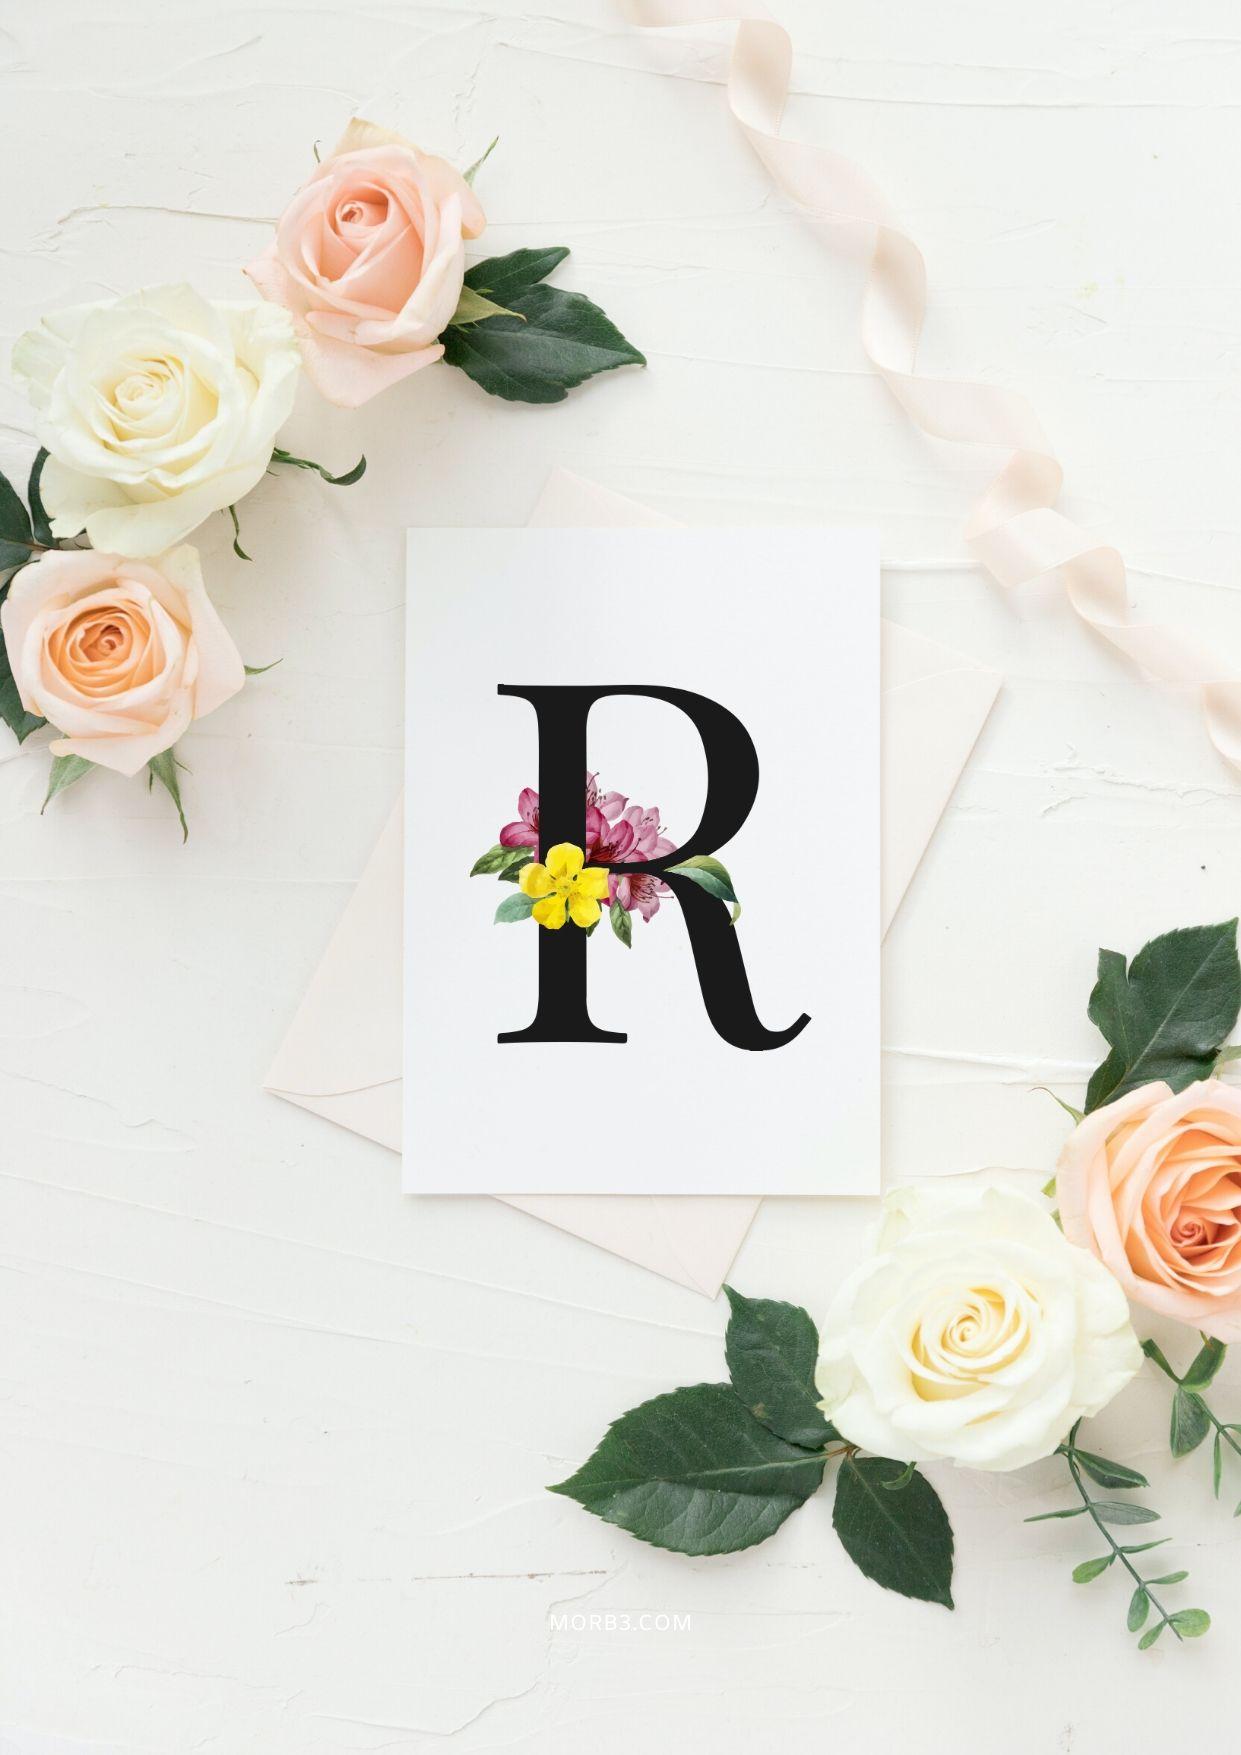 خلفيات جميلة جدا حرف R